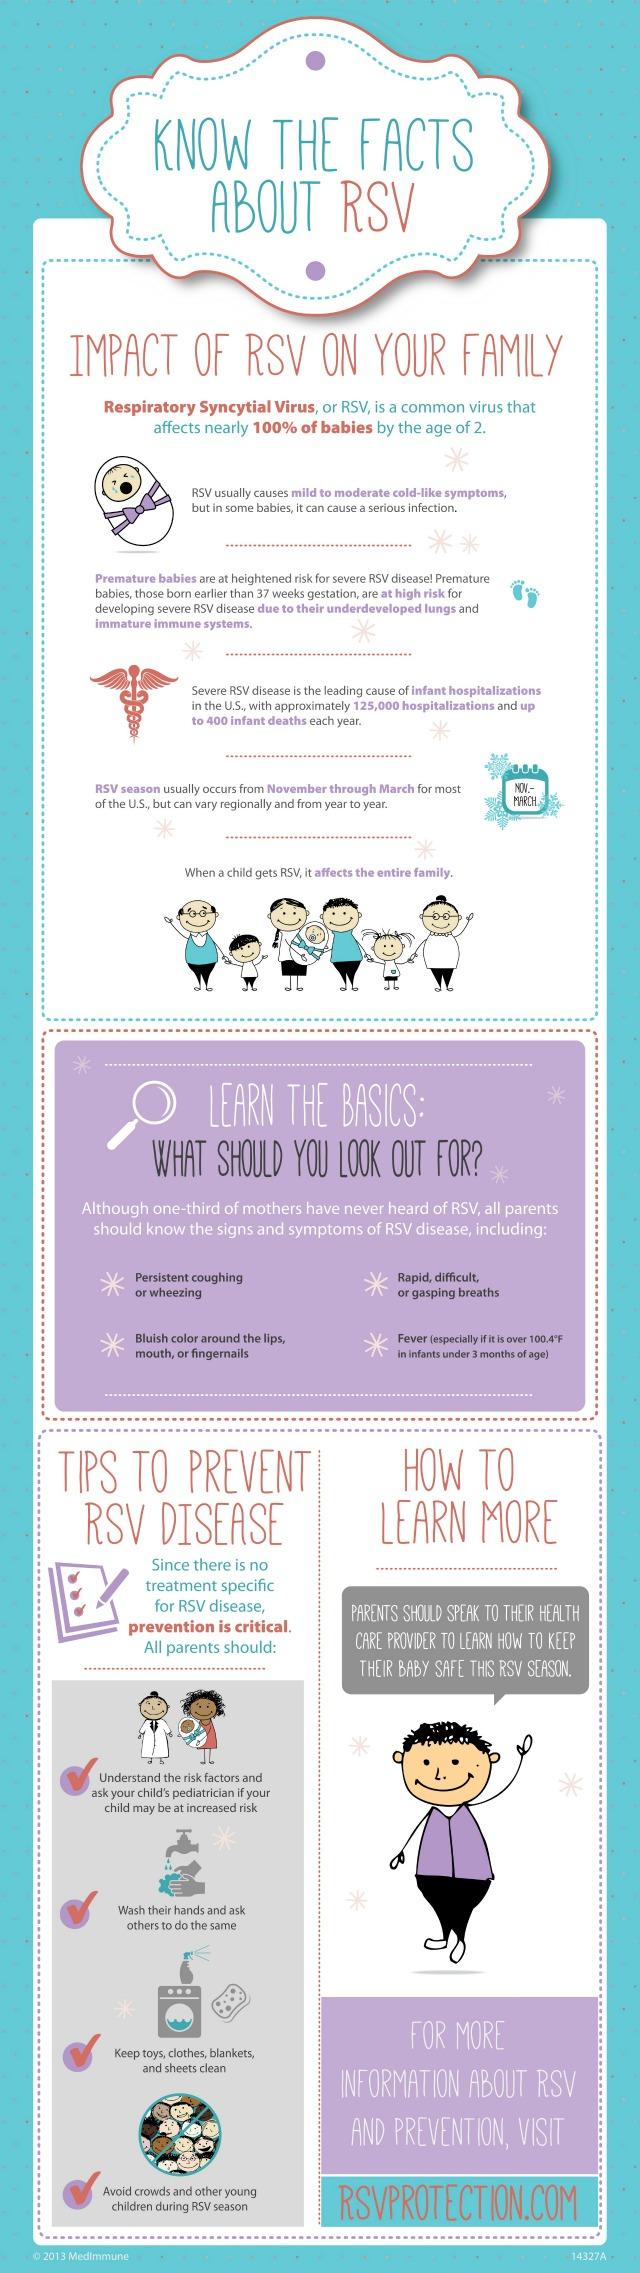 medimmune RSV infographic